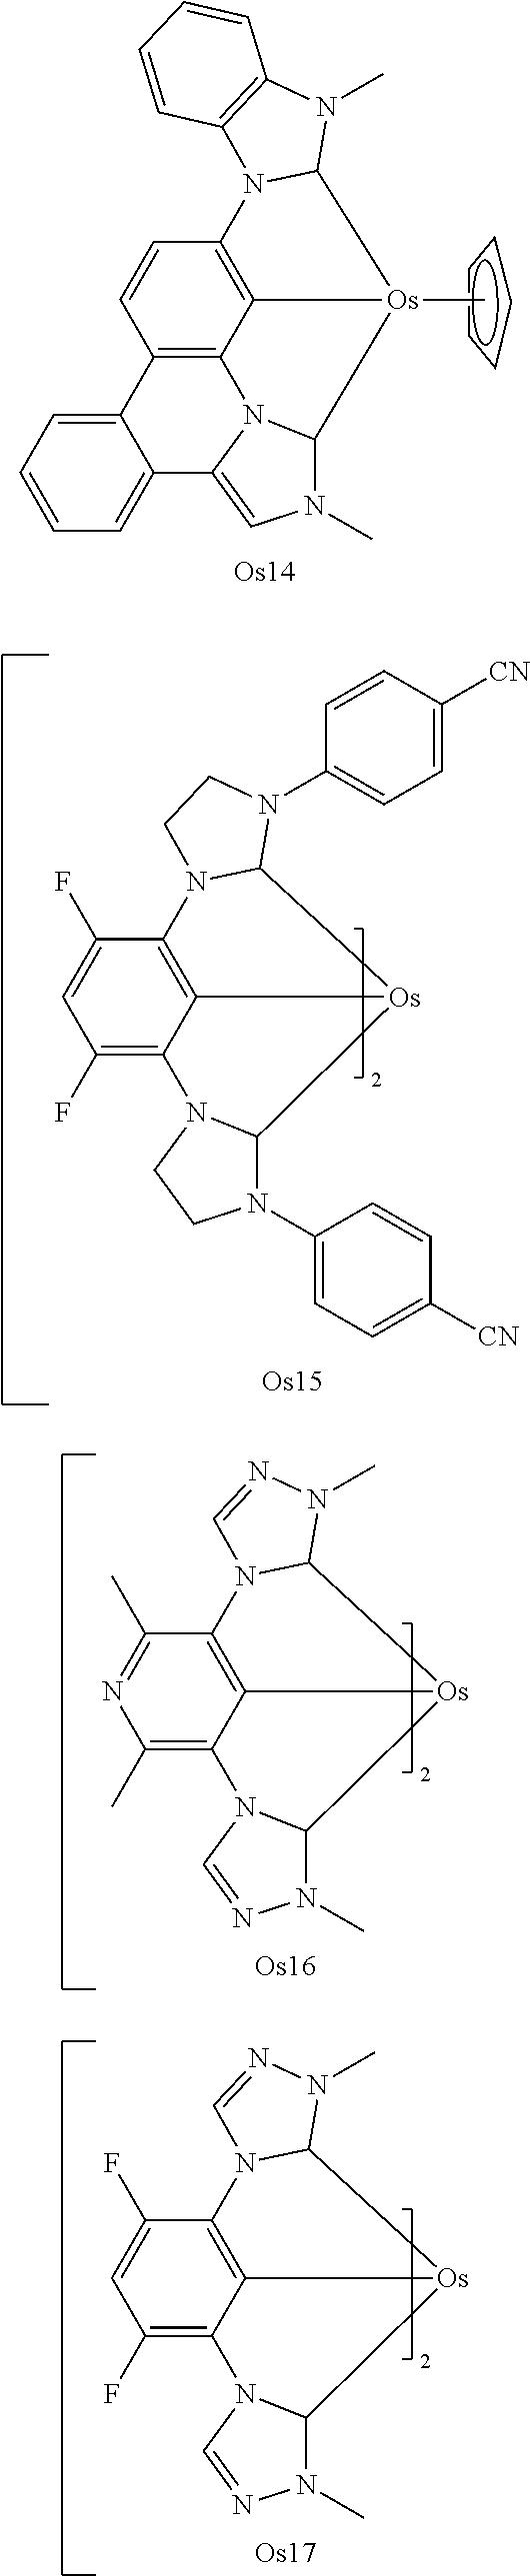 Figure US08383249-20130226-C00016